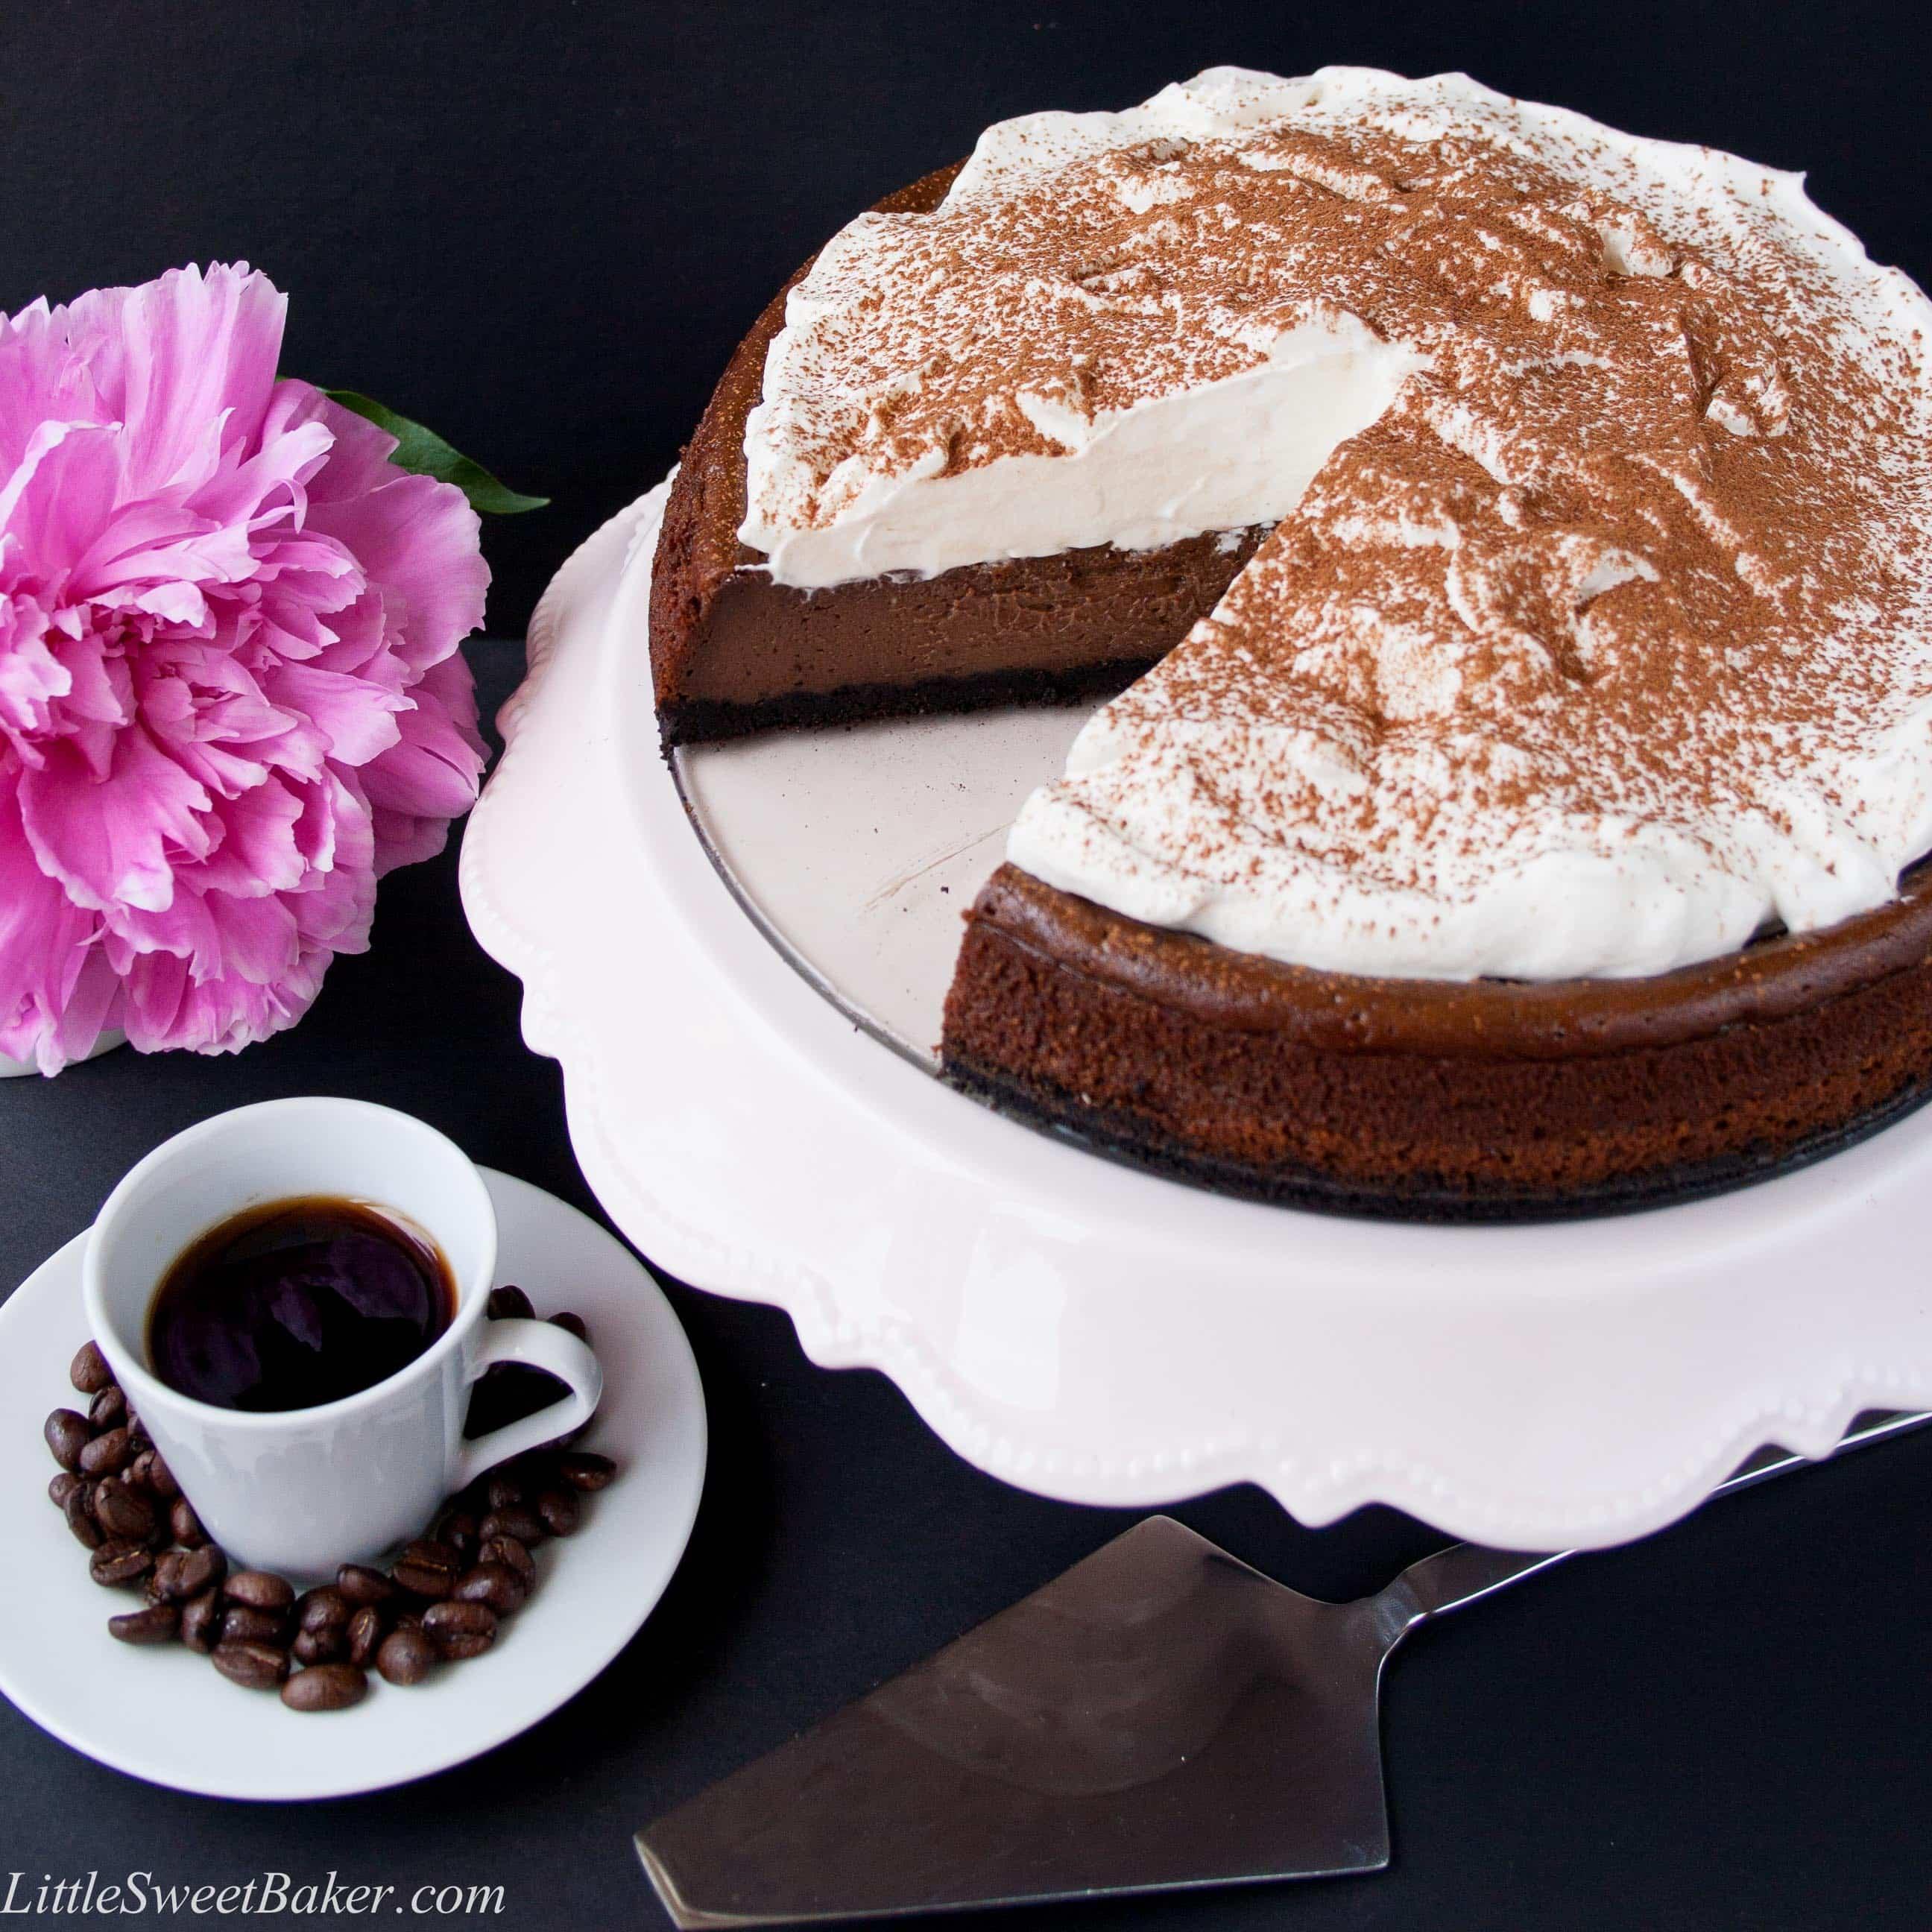 Chocolate Mocha Cheesecake - Little Sweet Baker